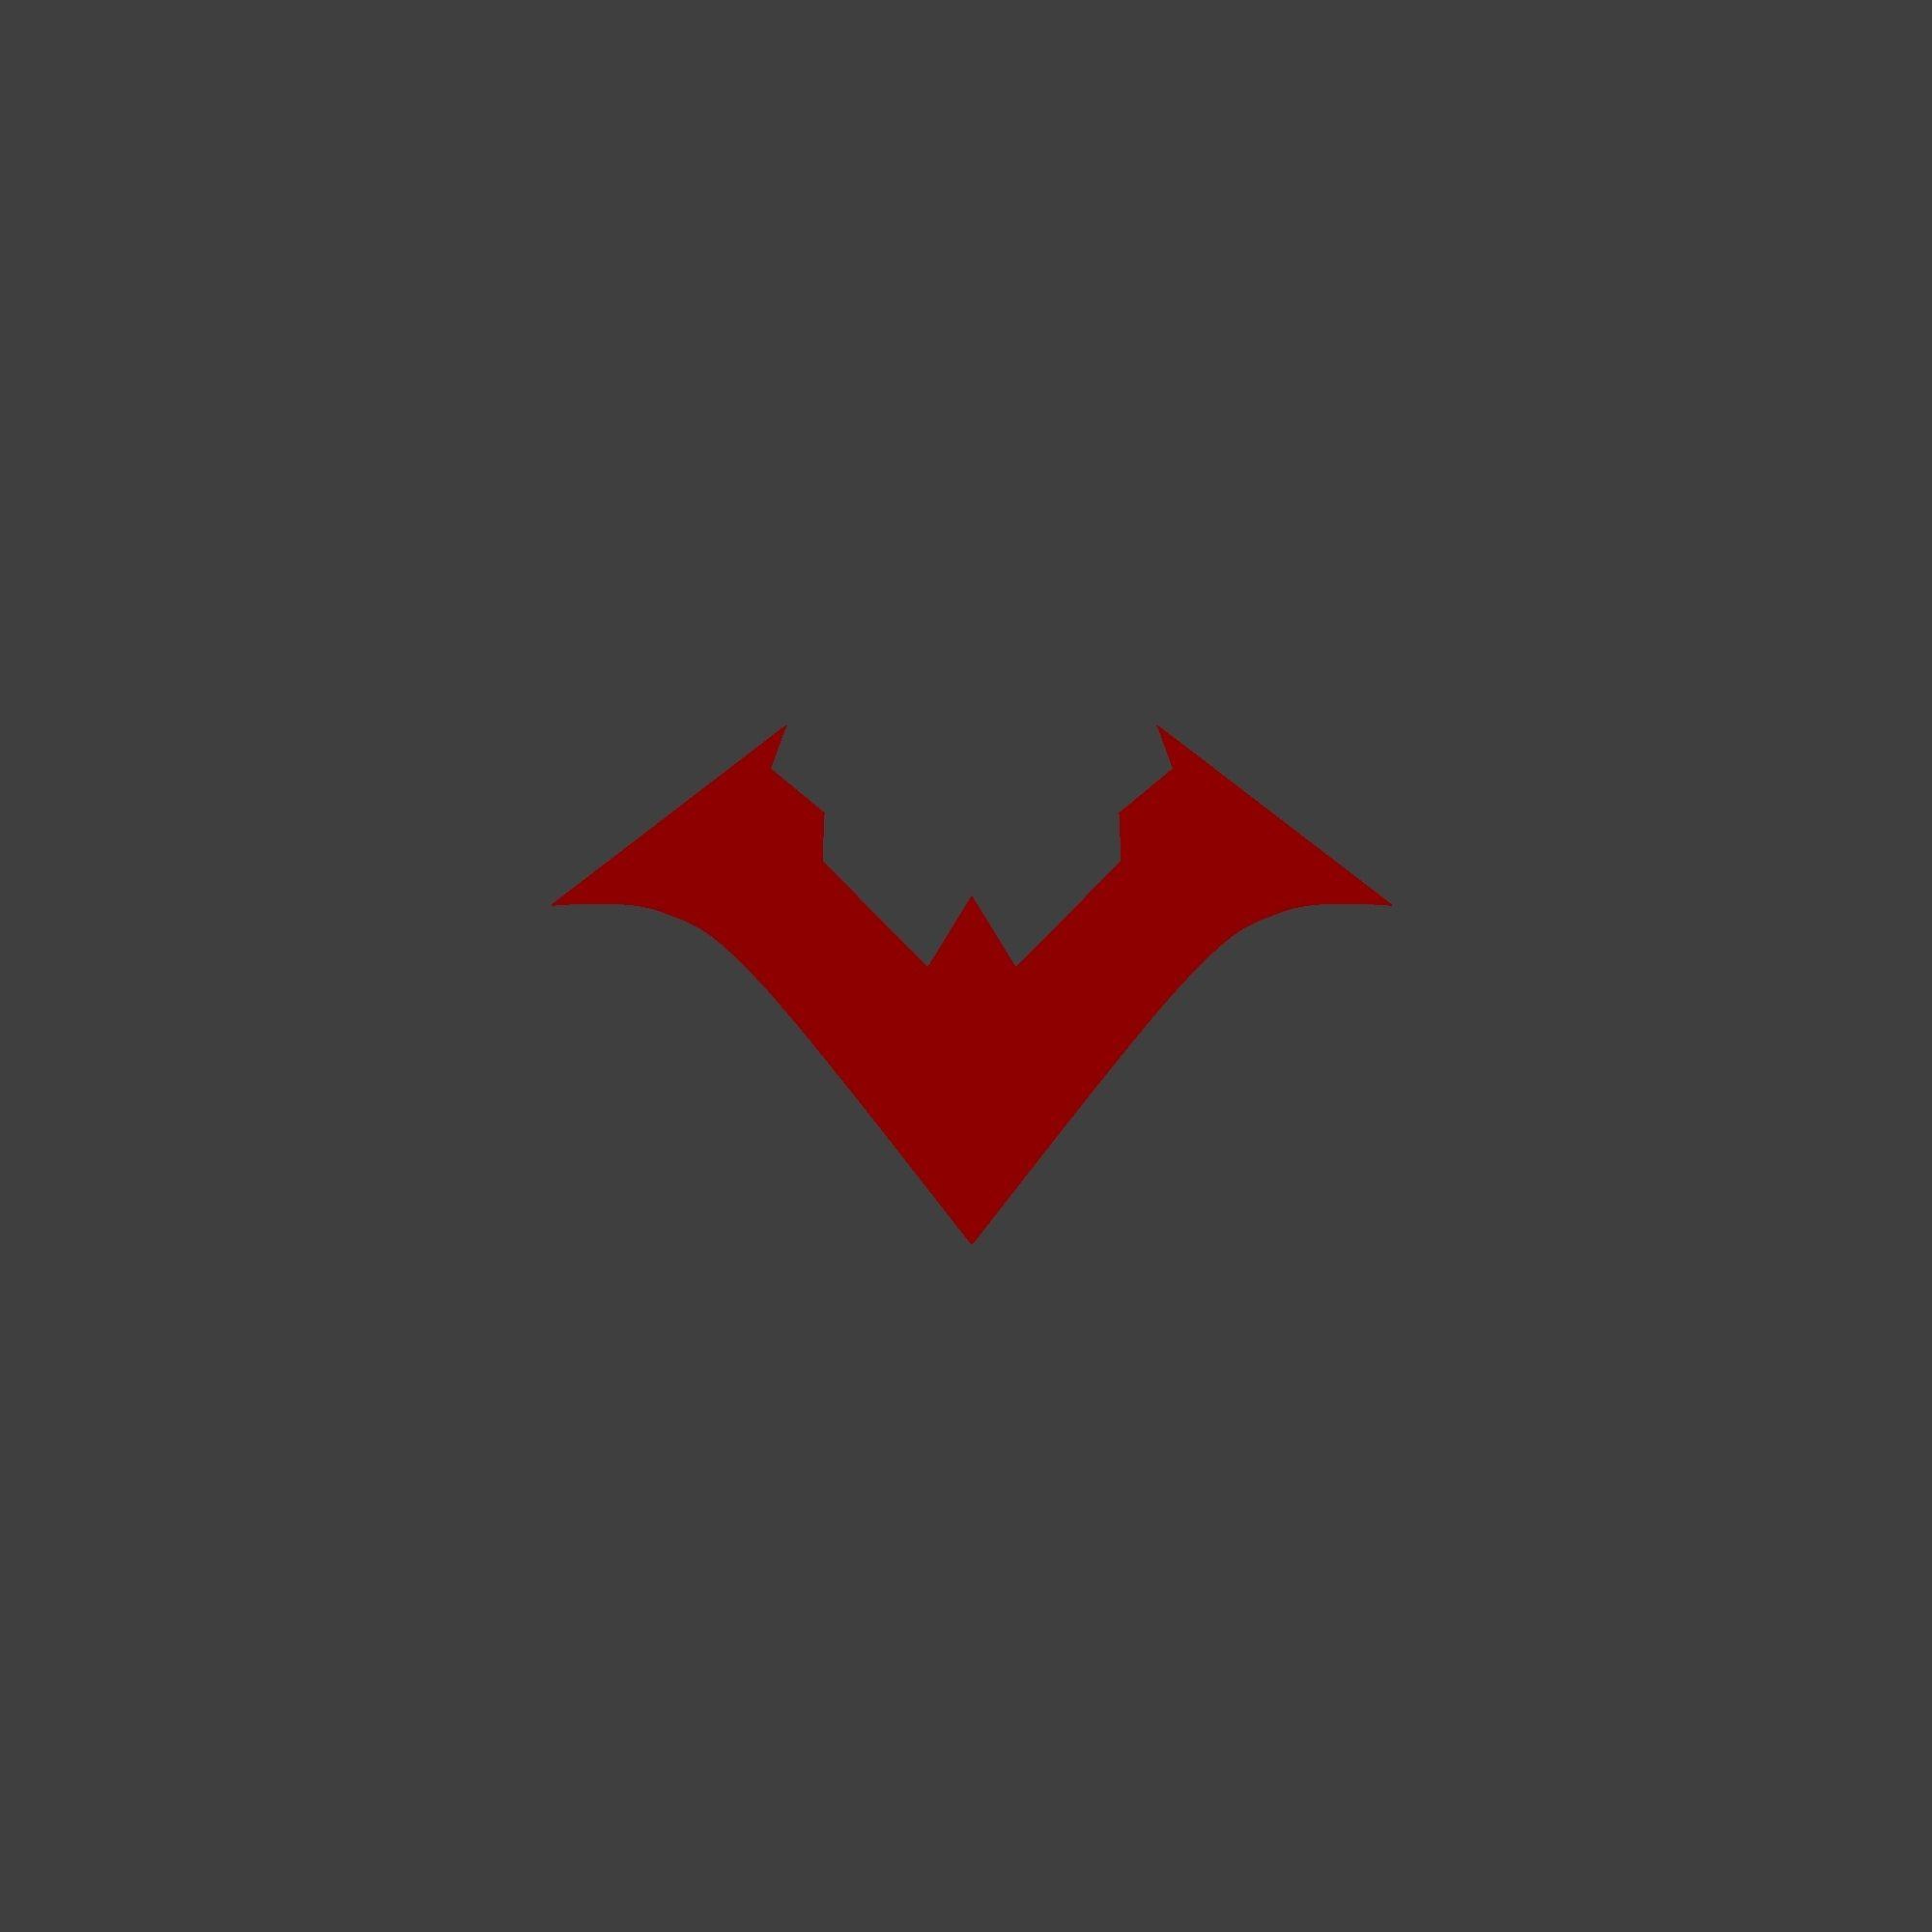 nightwing red logo wallpaper - photo #29